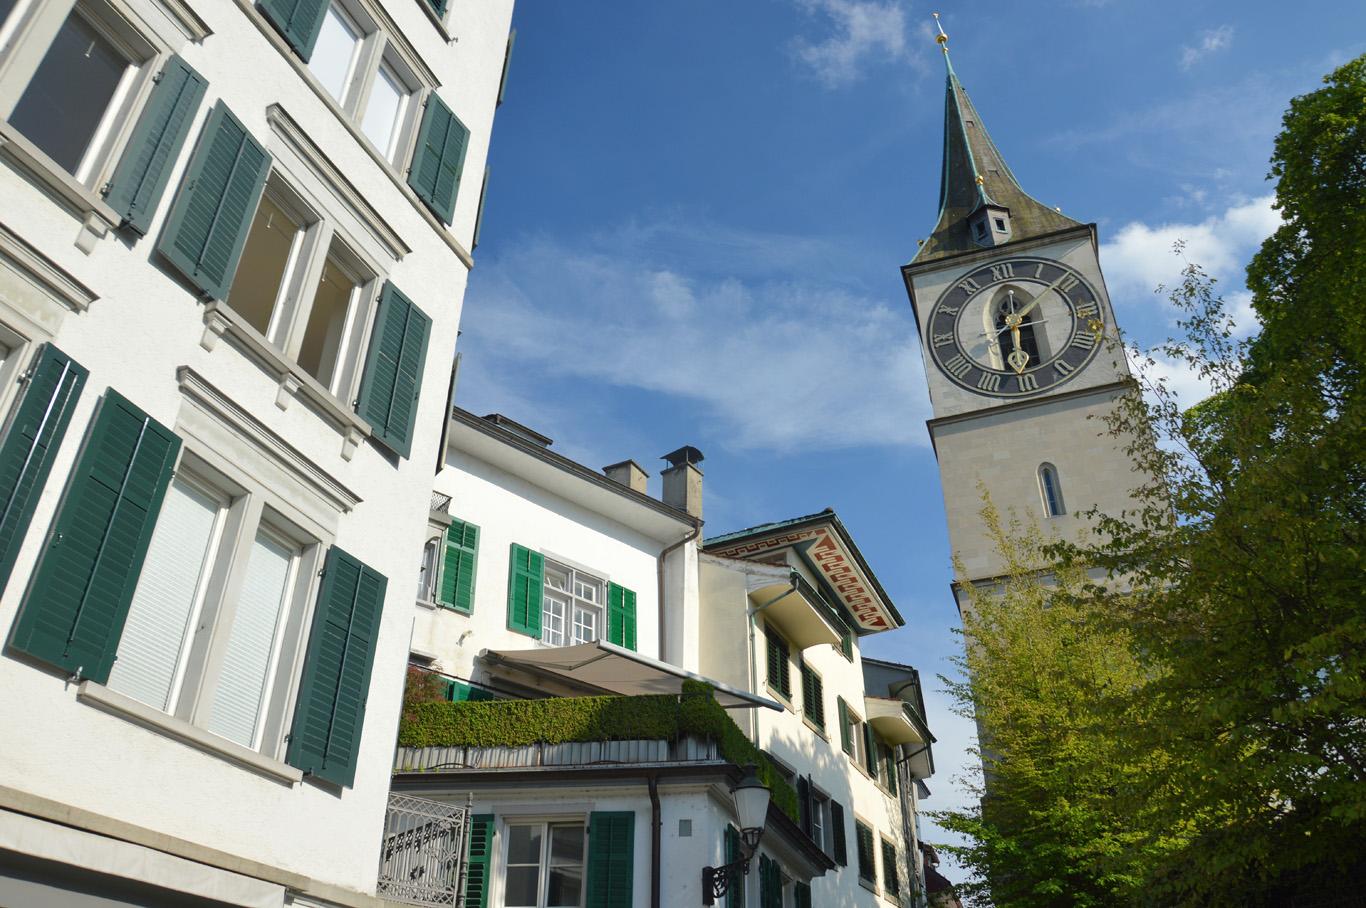 Zurich Old Town - St. Peter's Church